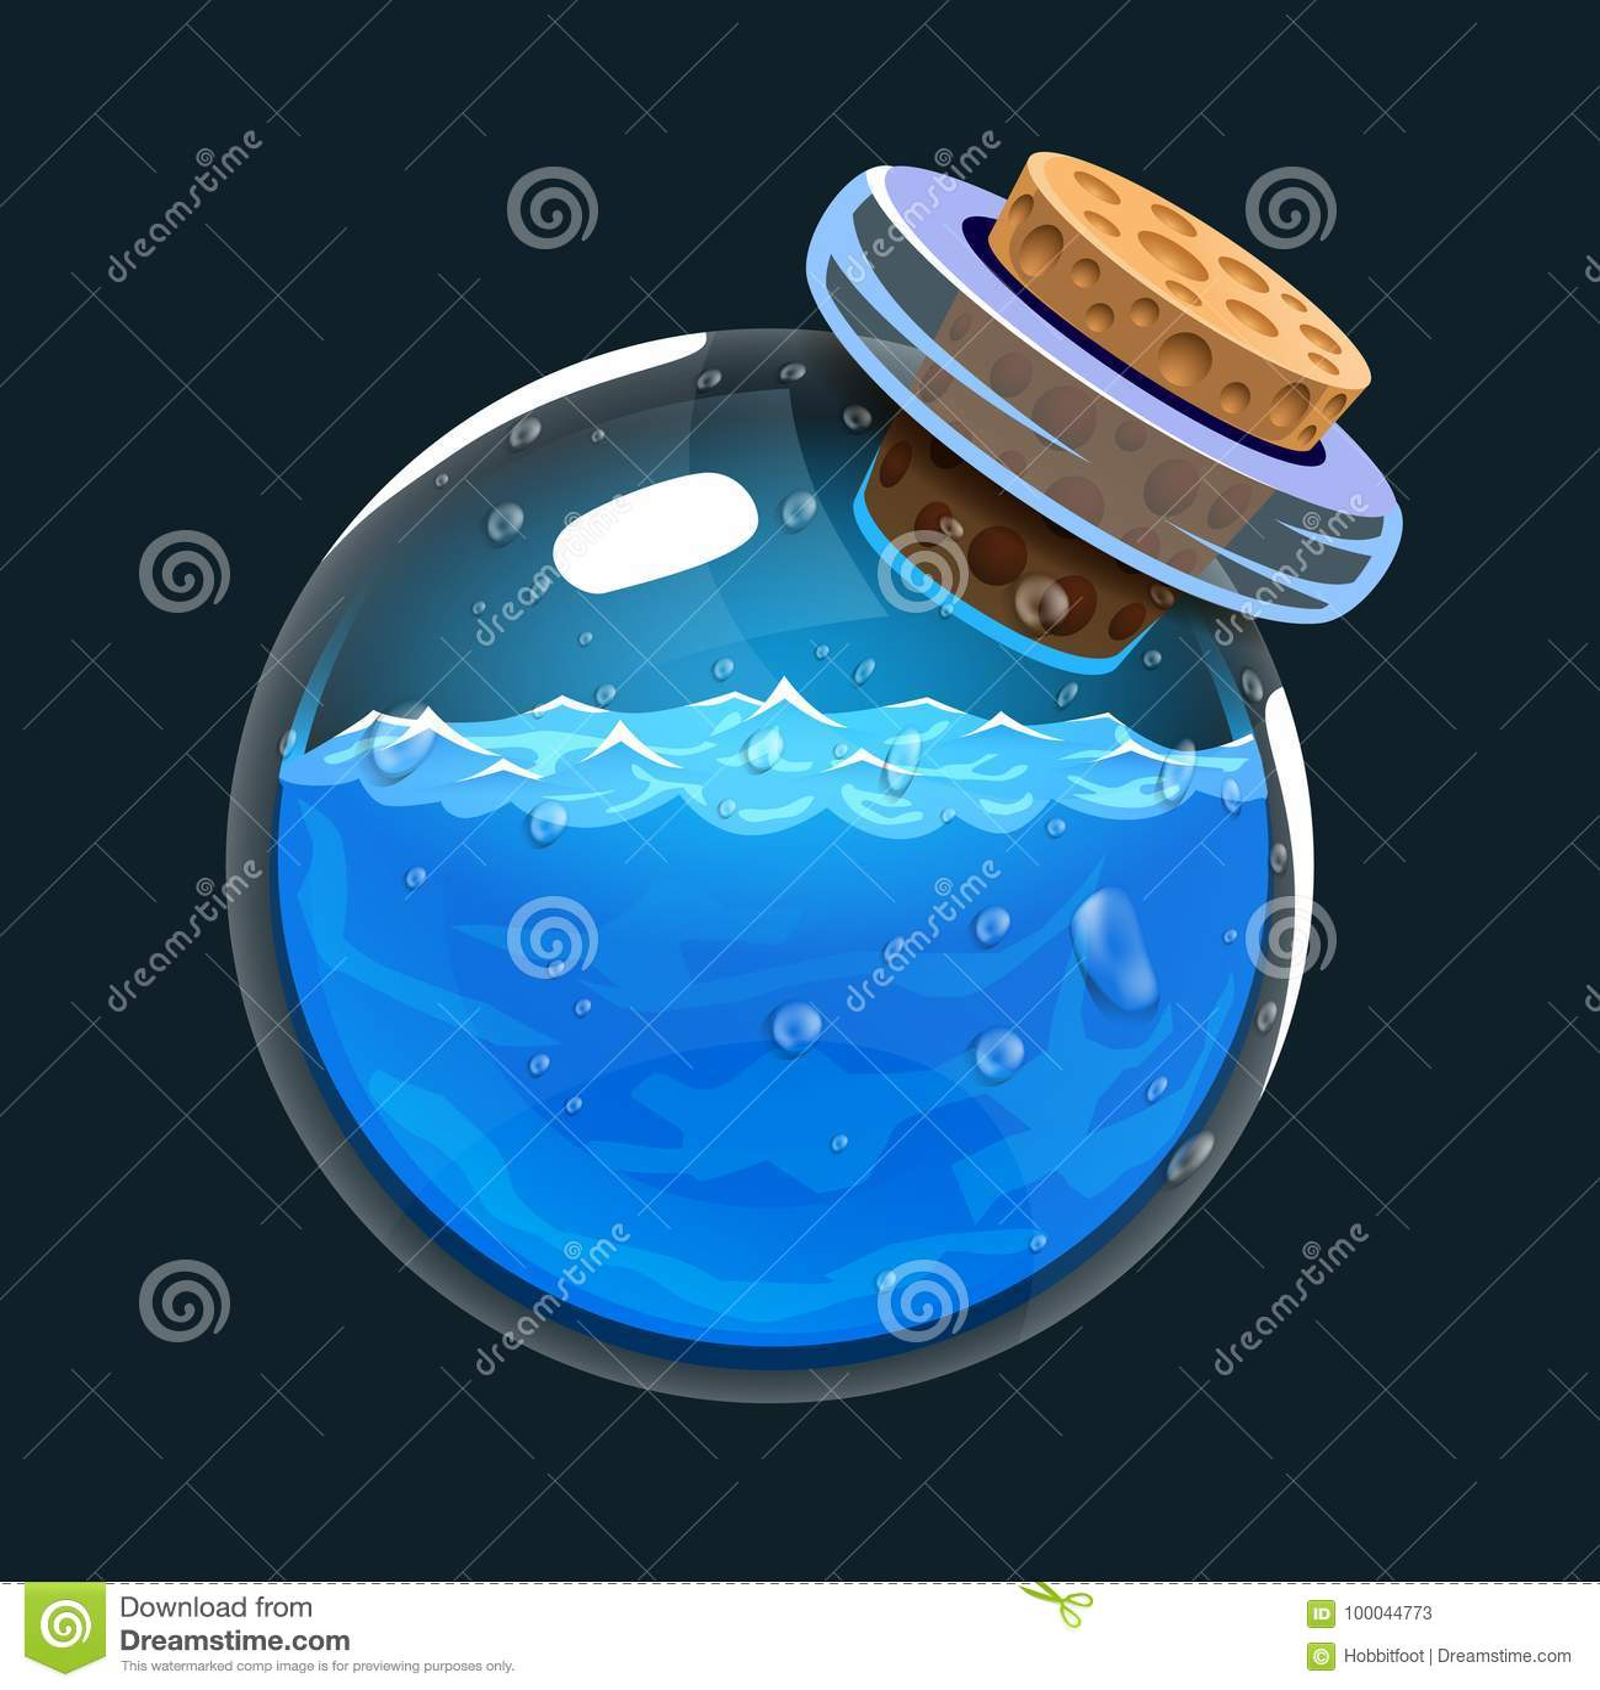 Бутылка воды Значок игры волшебного элексира Интерфейс для игры rpg или match3 Вода или mana Большой вариант